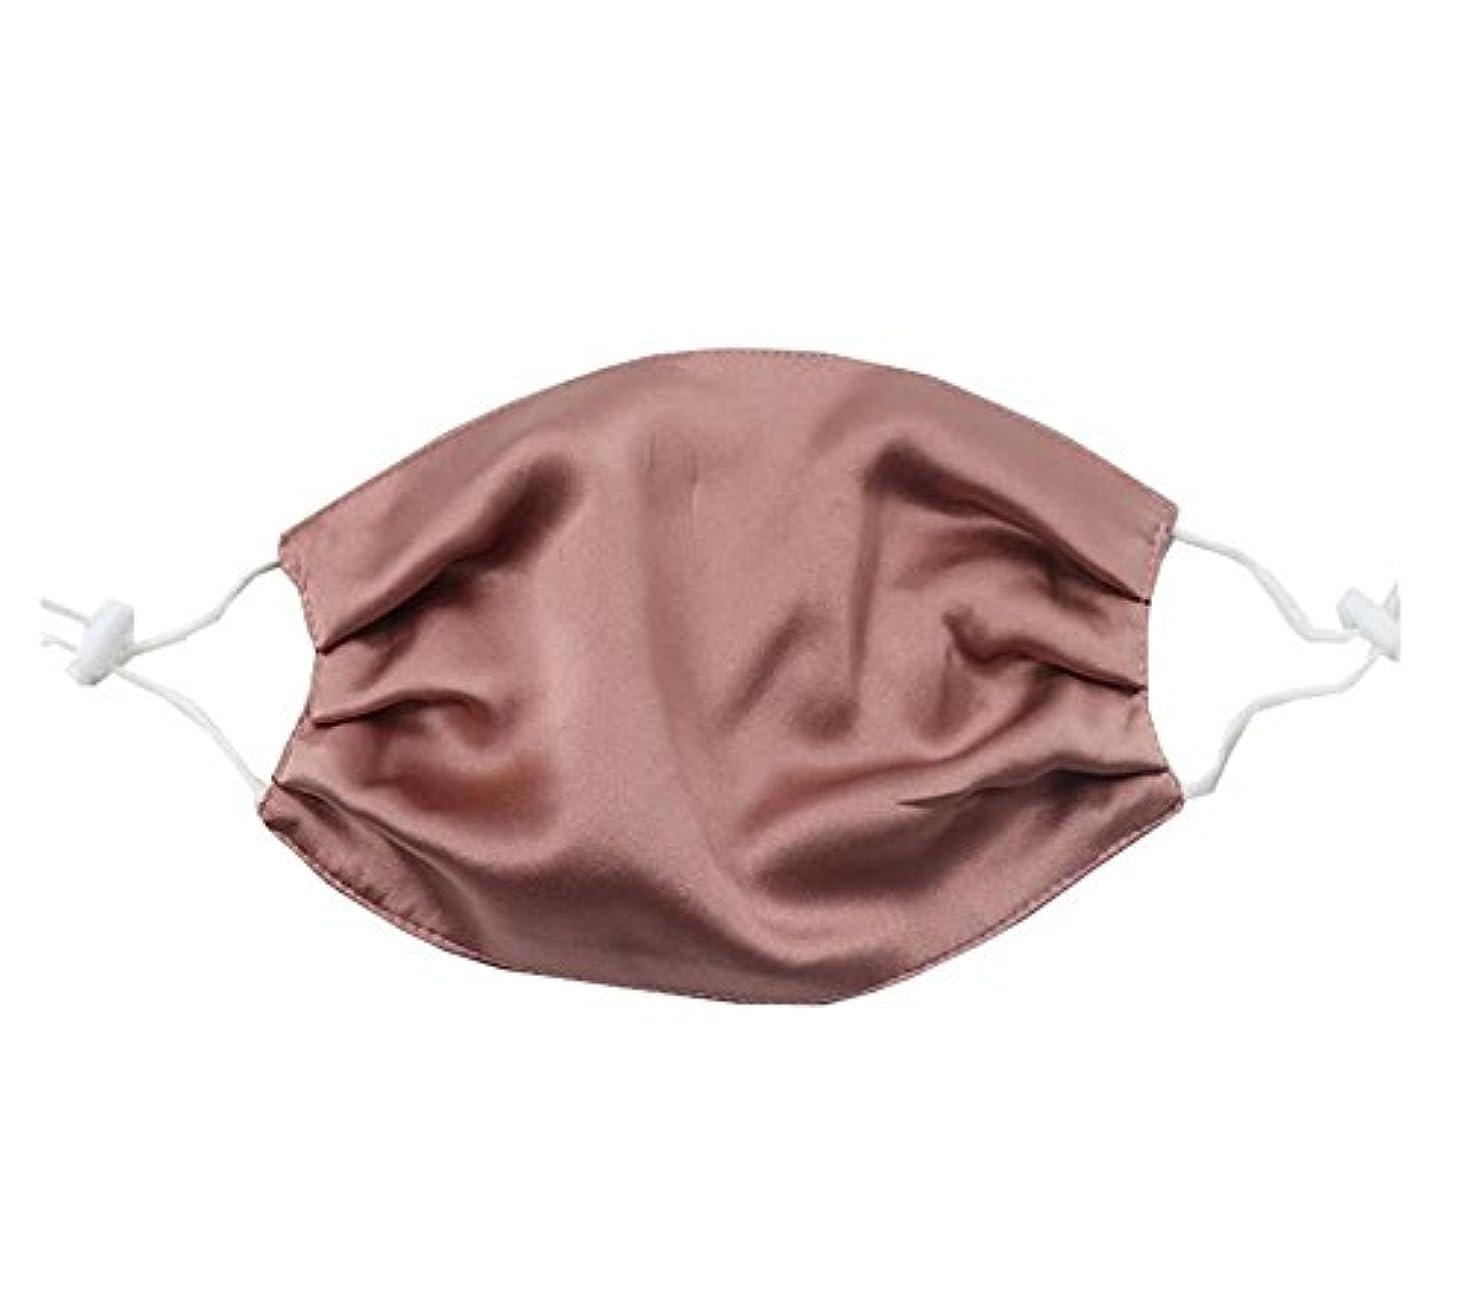 スクラブベーシッククリスチャン女性の女の子のための素敵な通気性居心地の良いシルクの顔のマスク